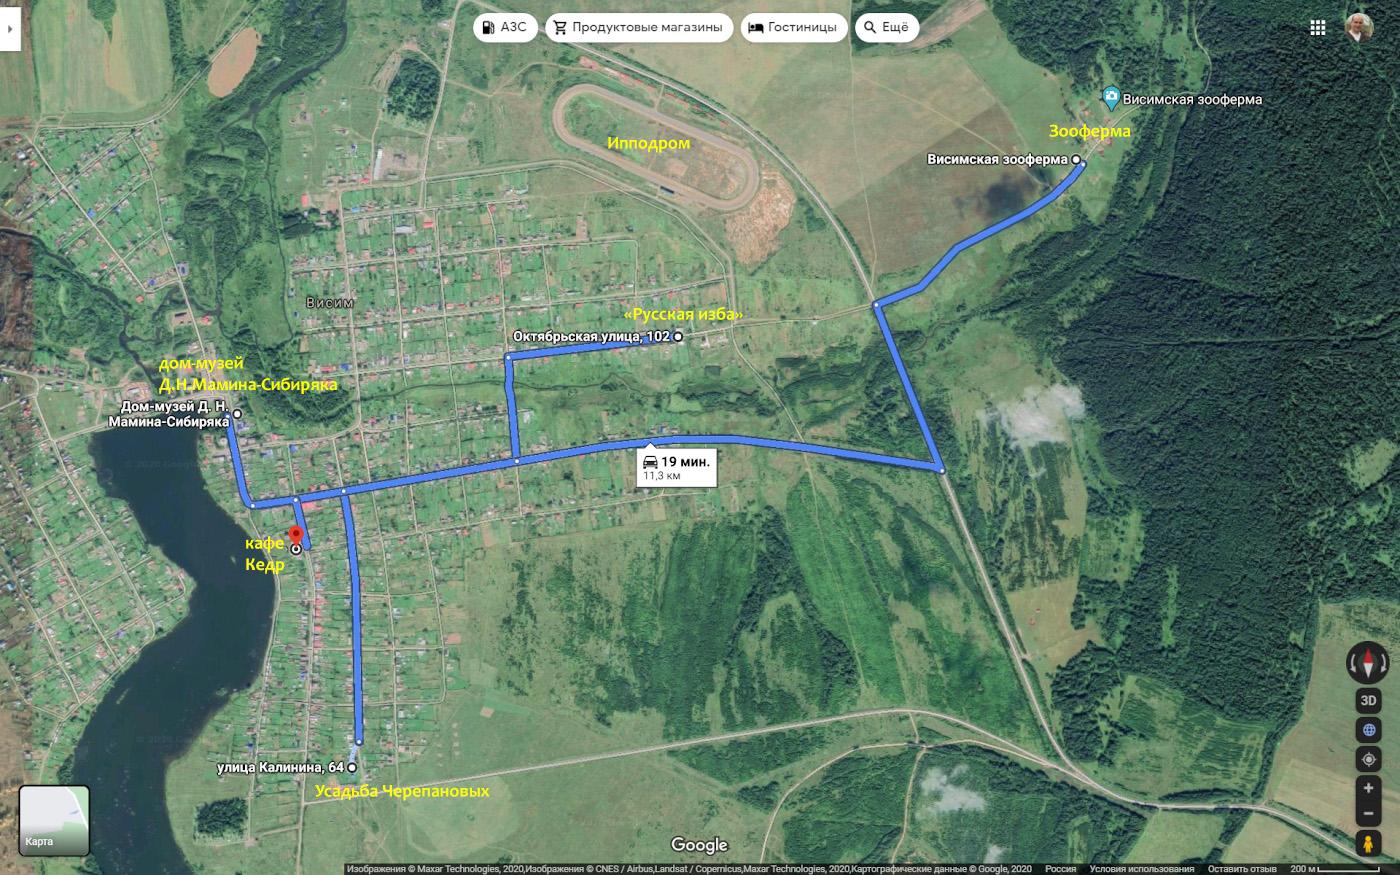 36. Карта со схемой расположения достопримечательностей поселка Висим относительно фермы.